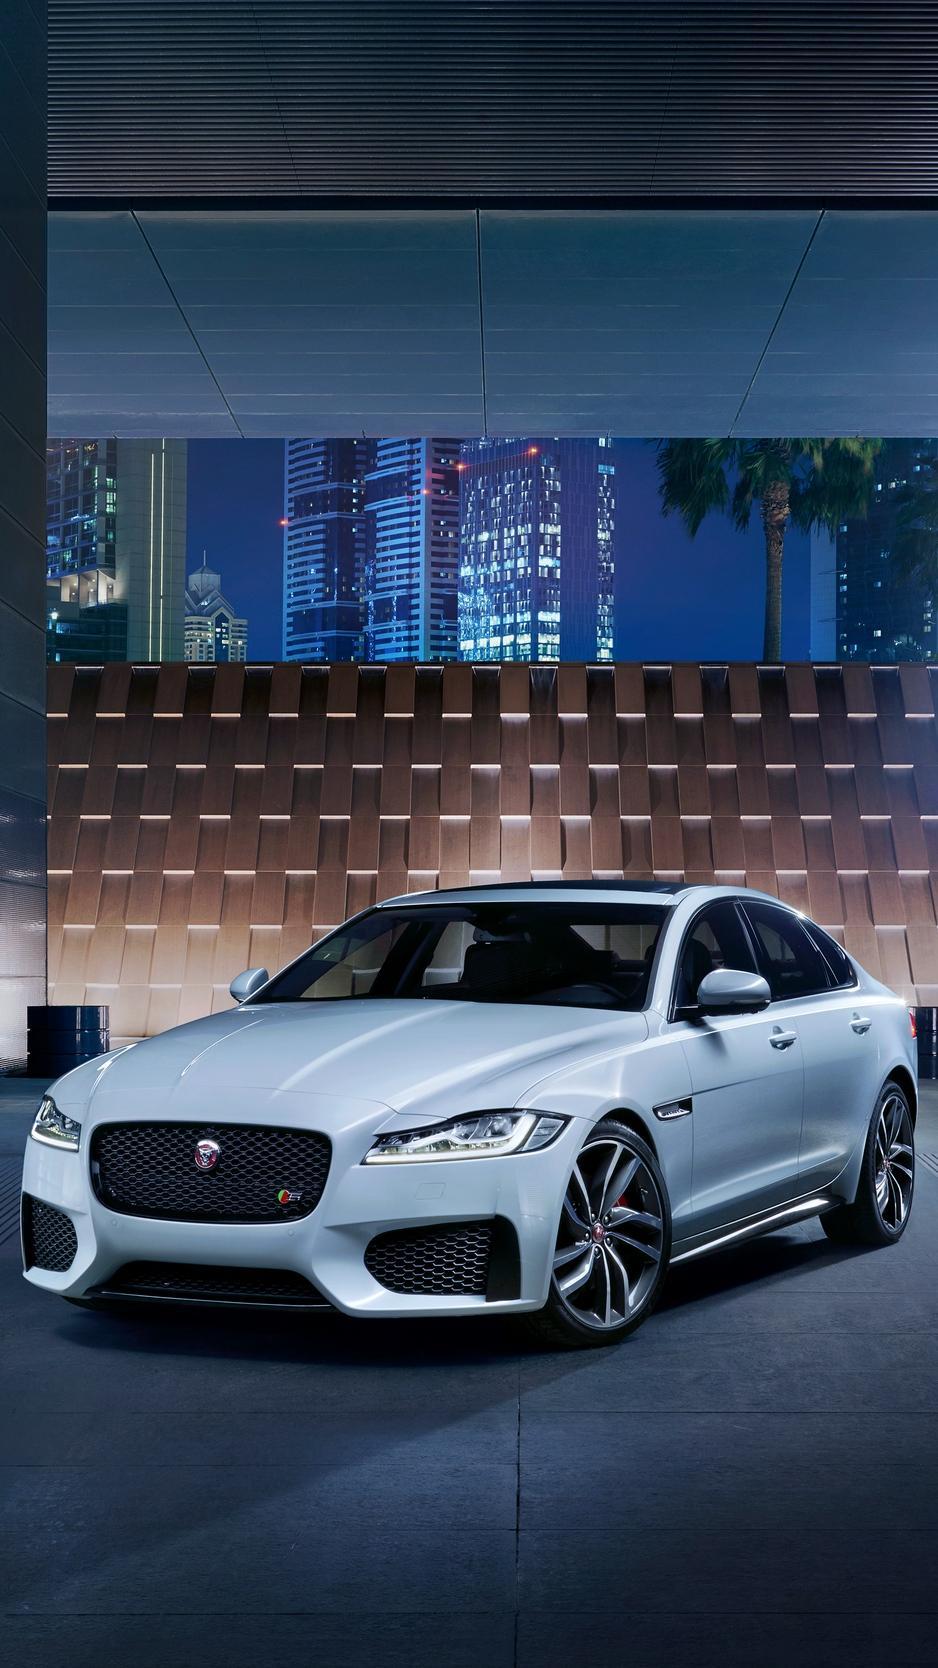 Jaguar Car 4k iPhone Wallpapers - Wallpaper Cave